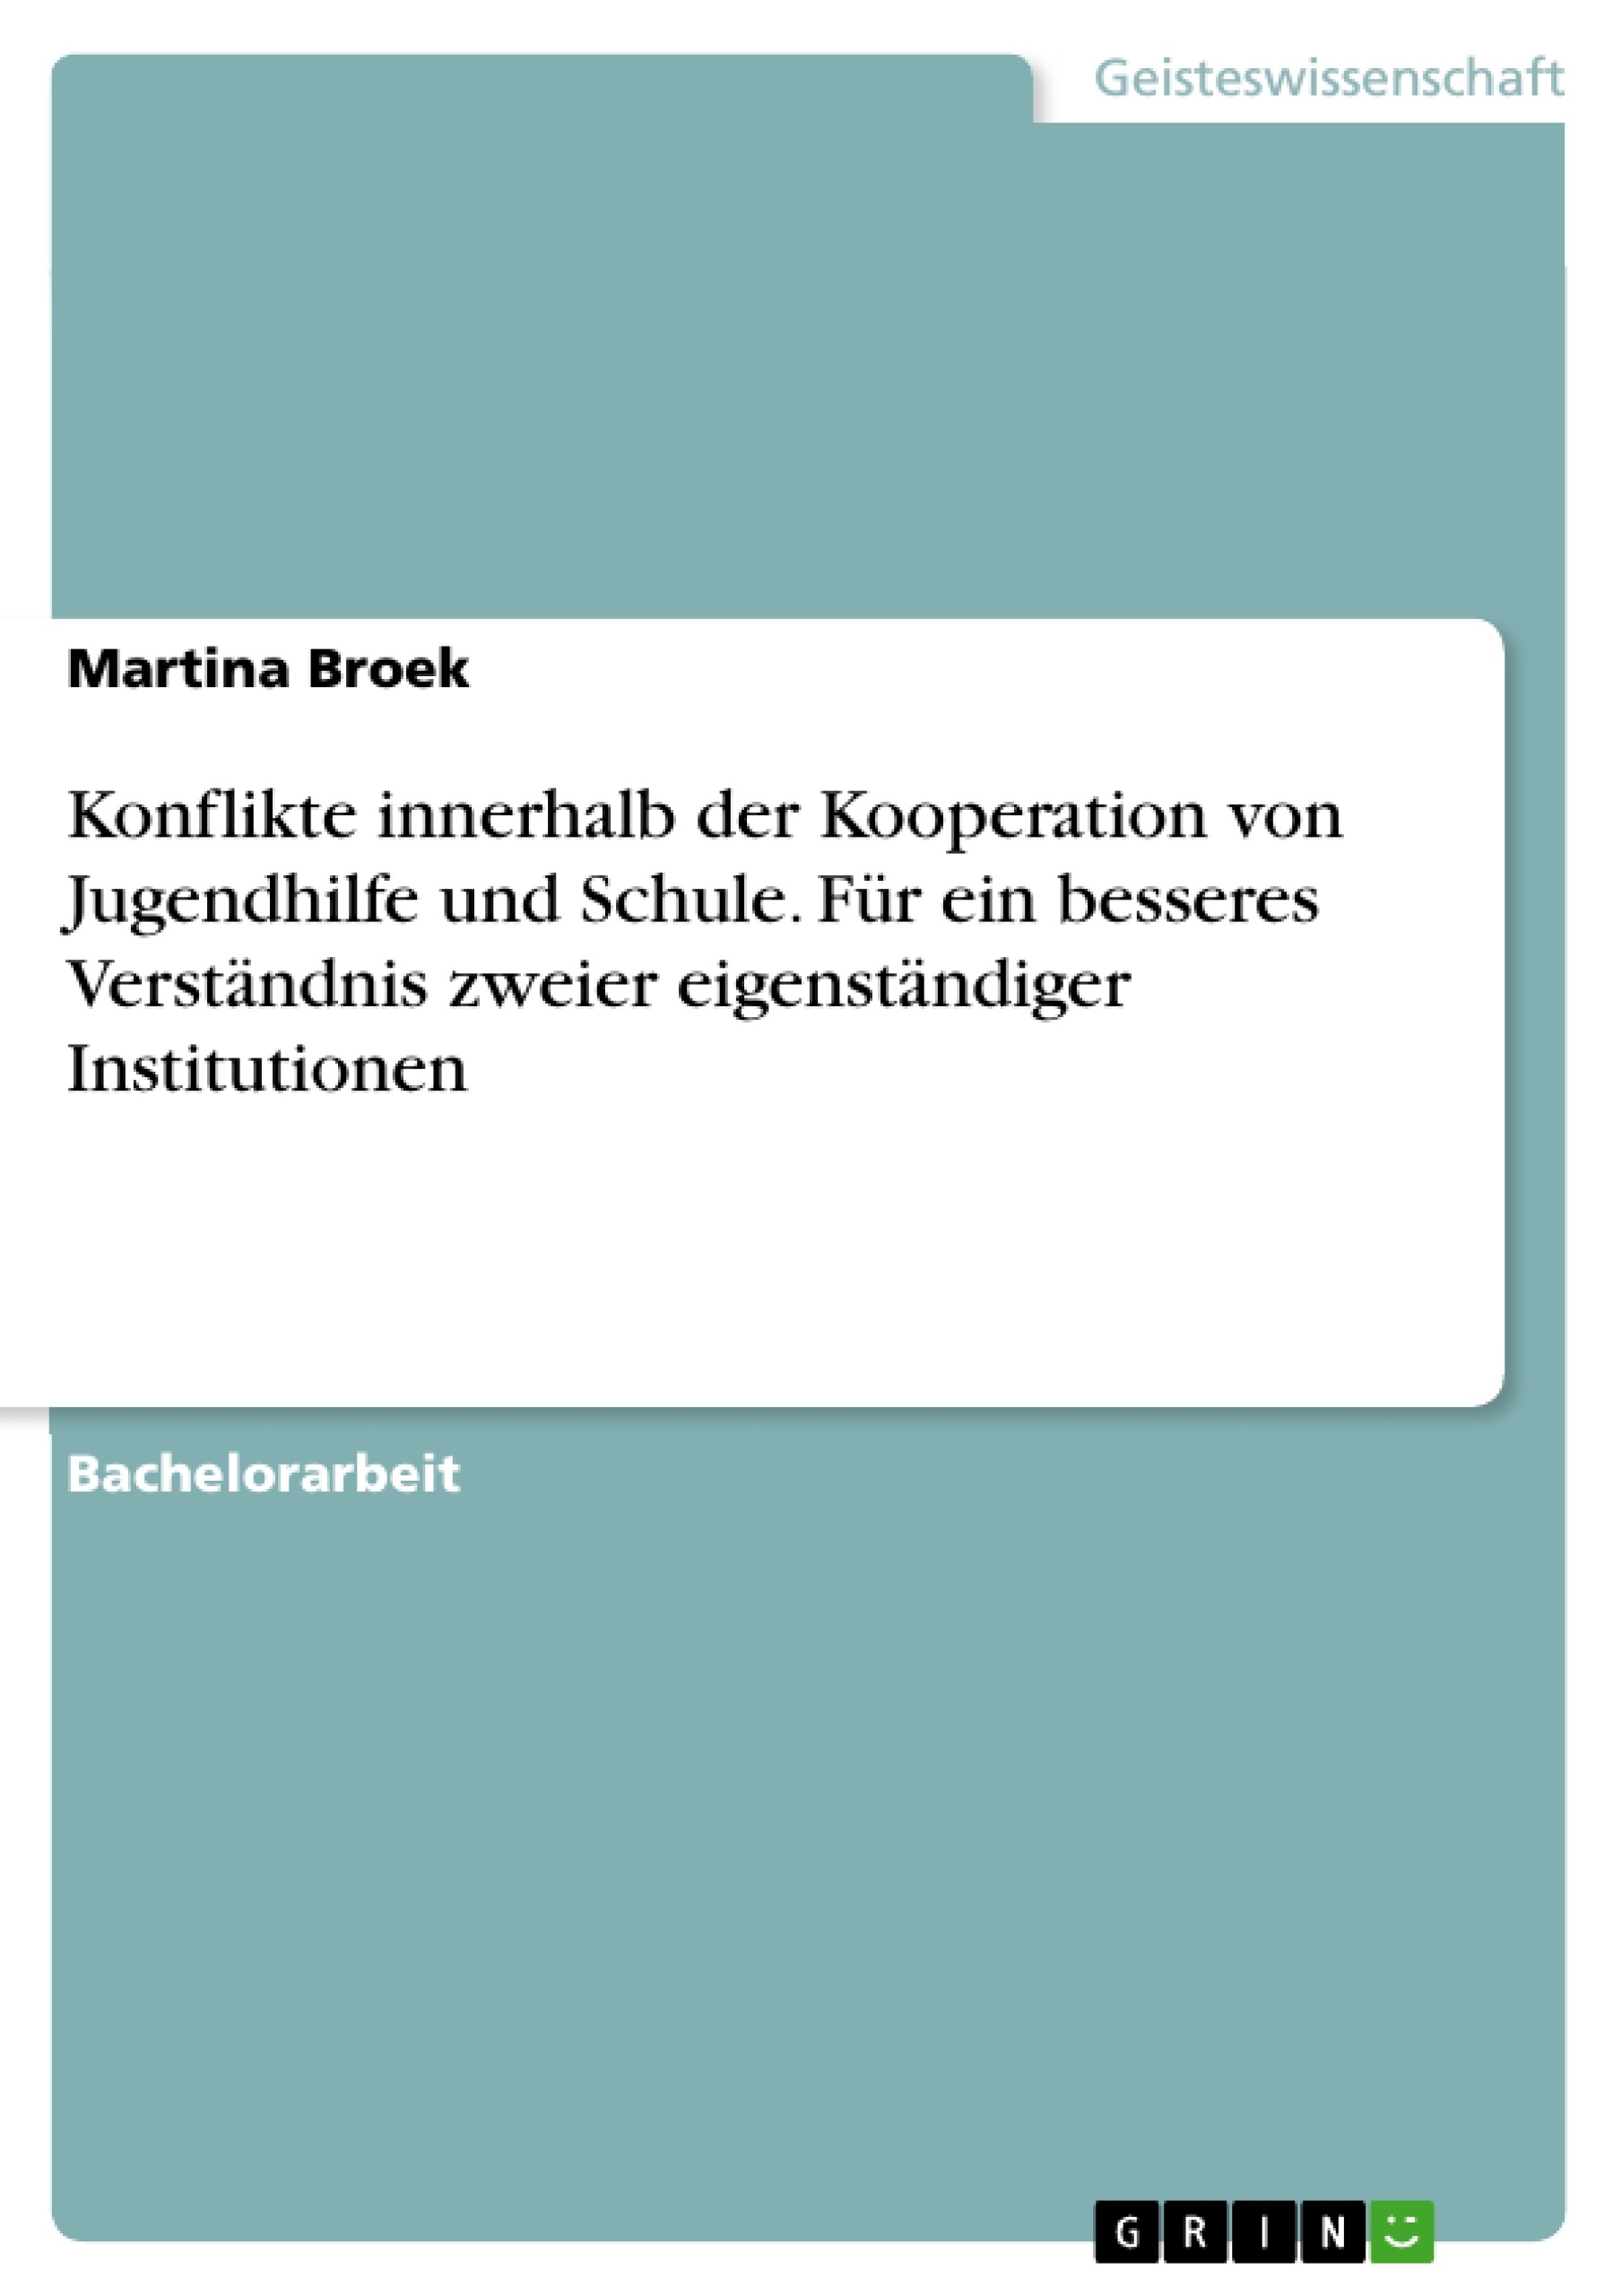 Titel: Konflikte innerhalb der Kooperation von Jugendhilfe und Schule. Für ein besseres Verständnis zweier eigenständiger Institutionen